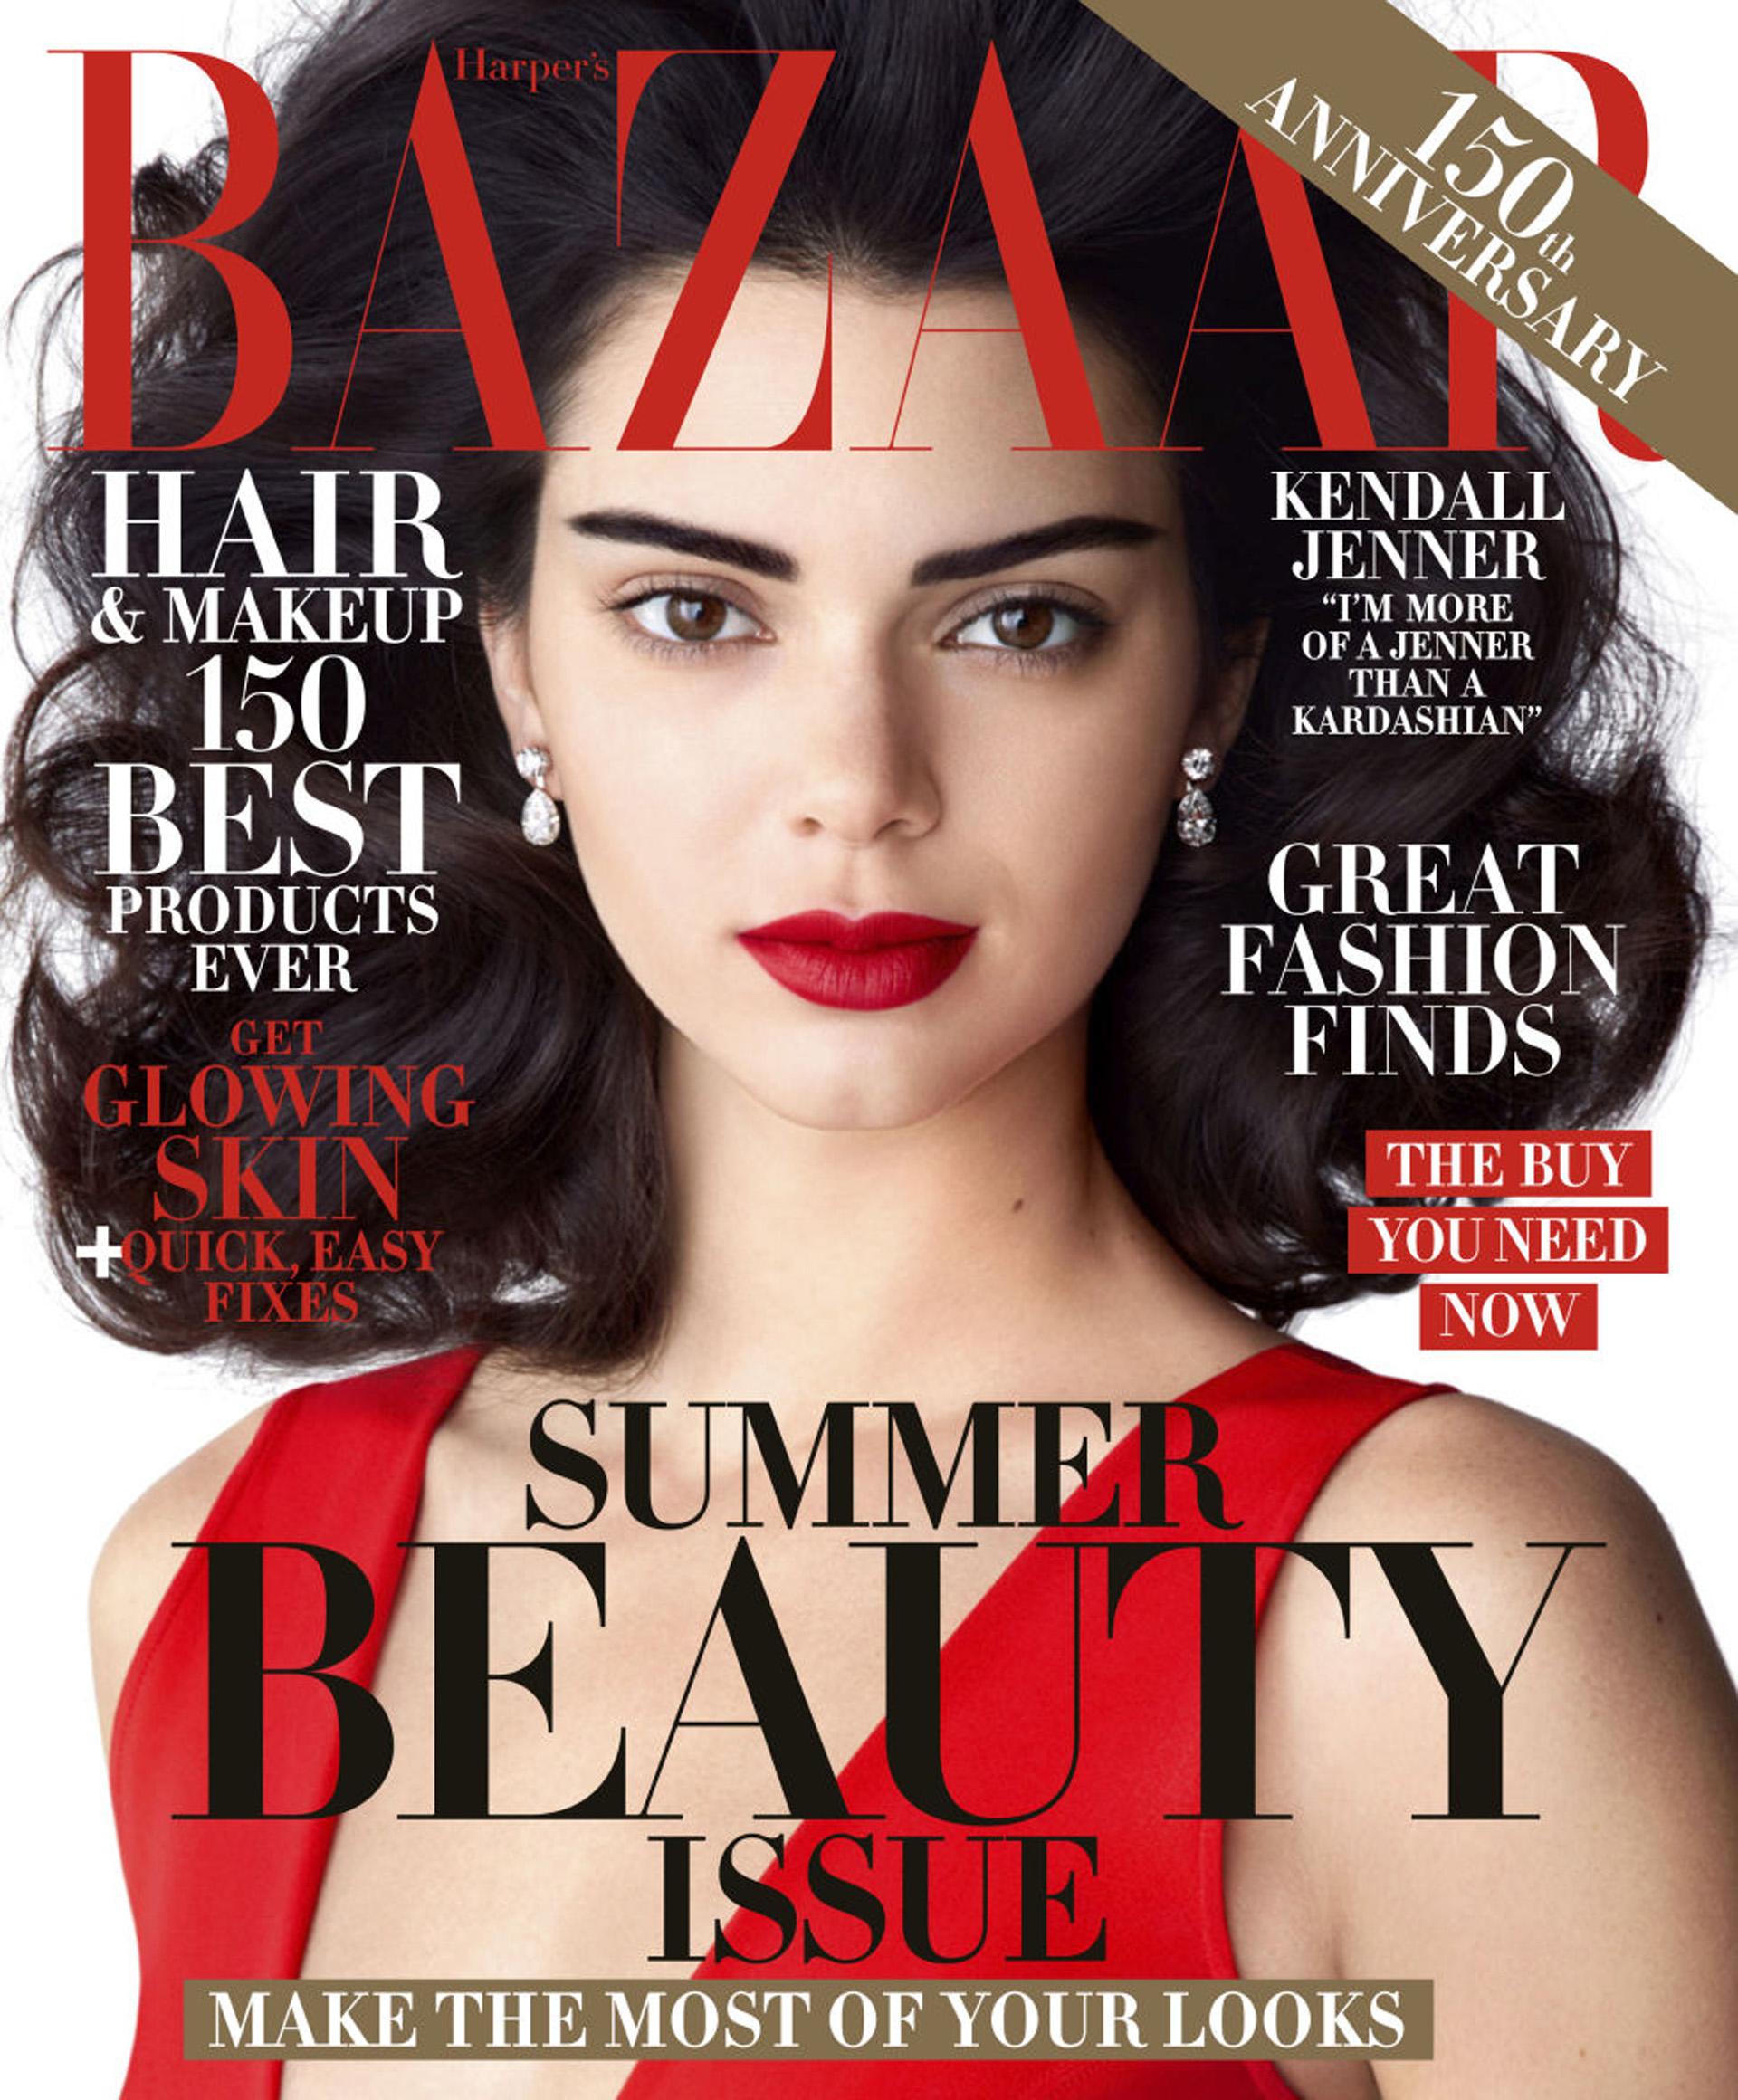 La otra portada de Harper's de Mayo edición US con su especial beauty